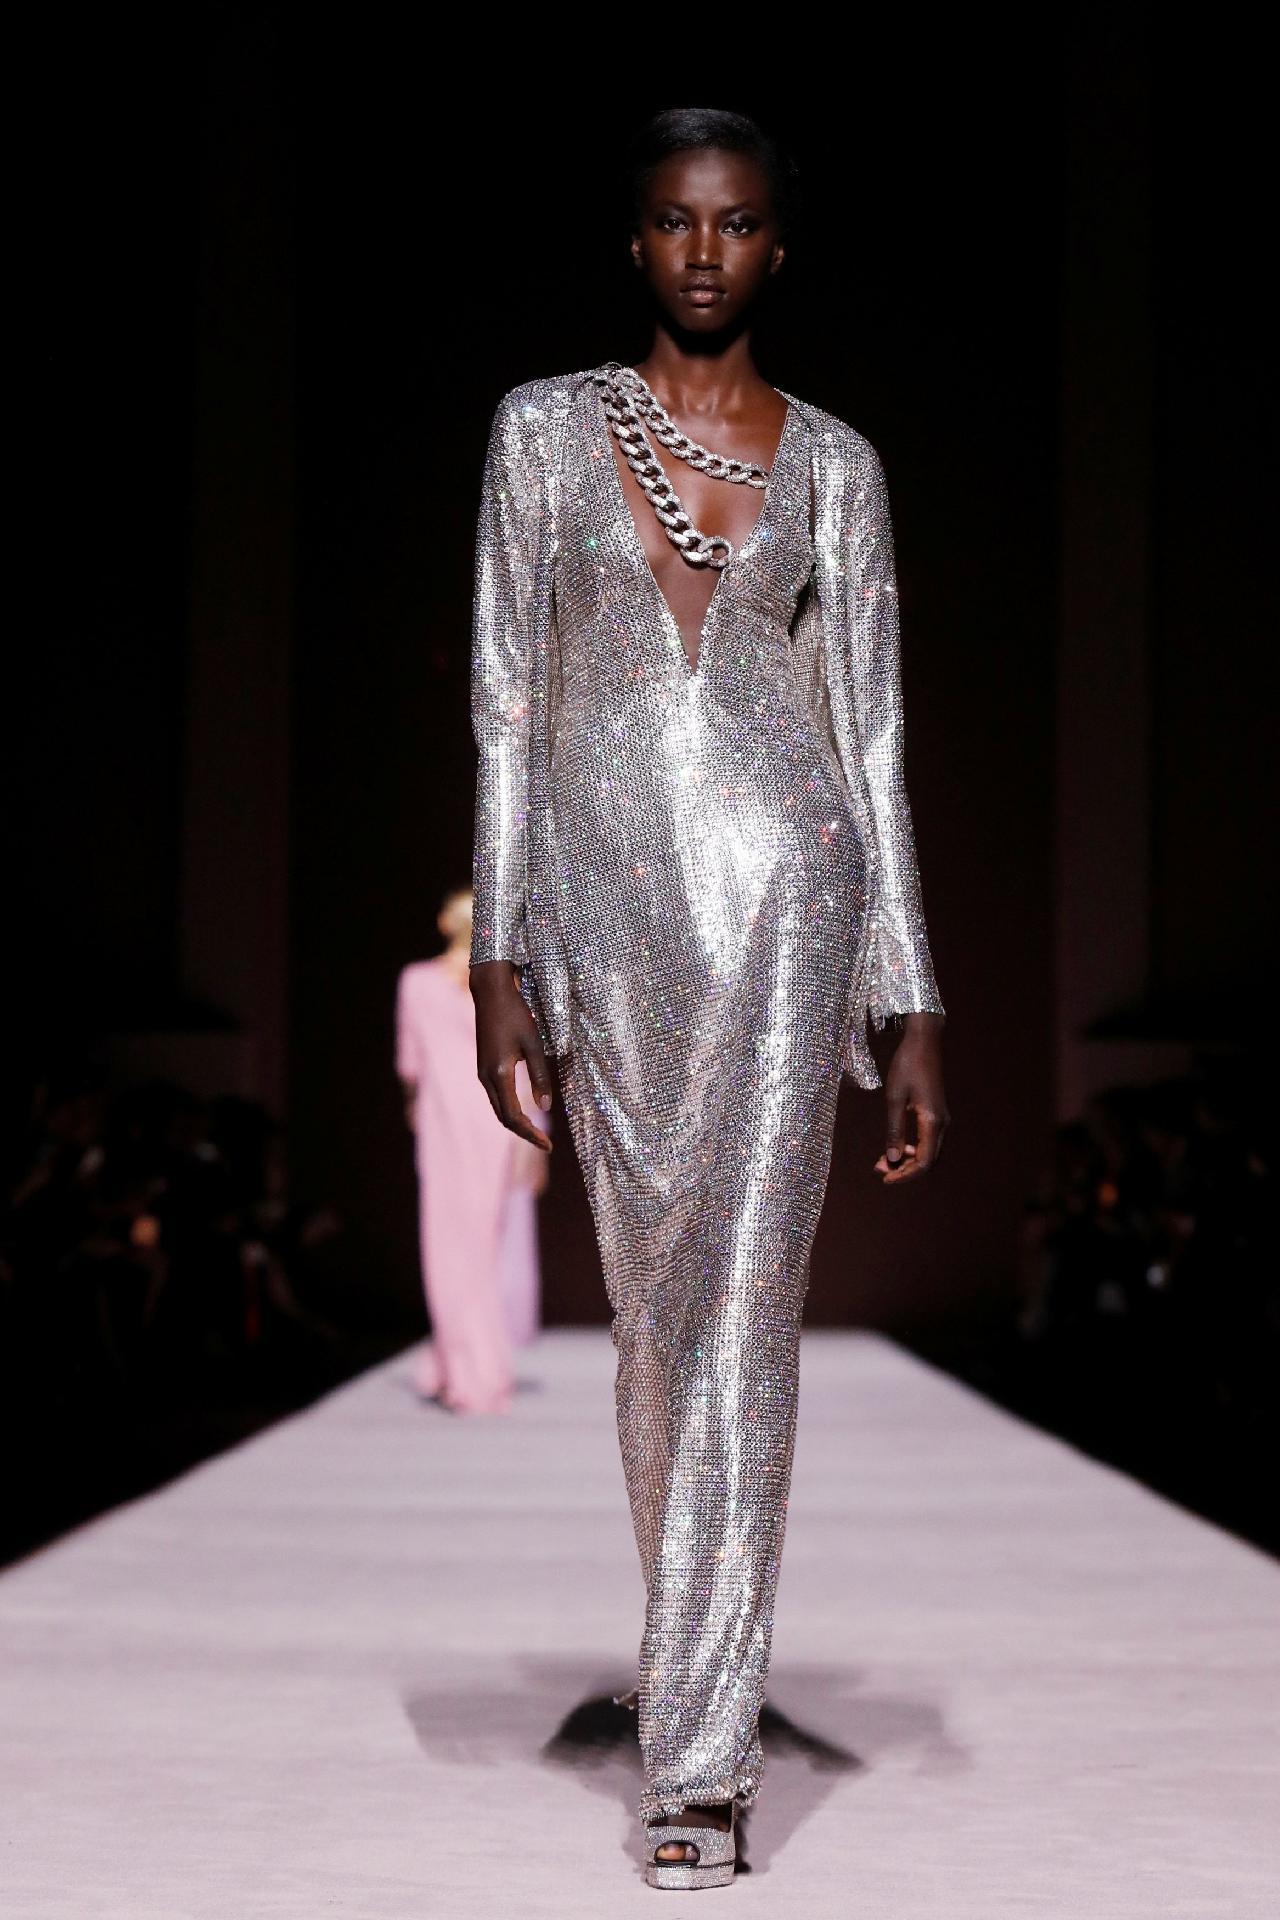 cf8f75146b Tom Ford abre uma Nova York Fashion Week com poucas atrações - 07/02/2019 -  UOL Universa